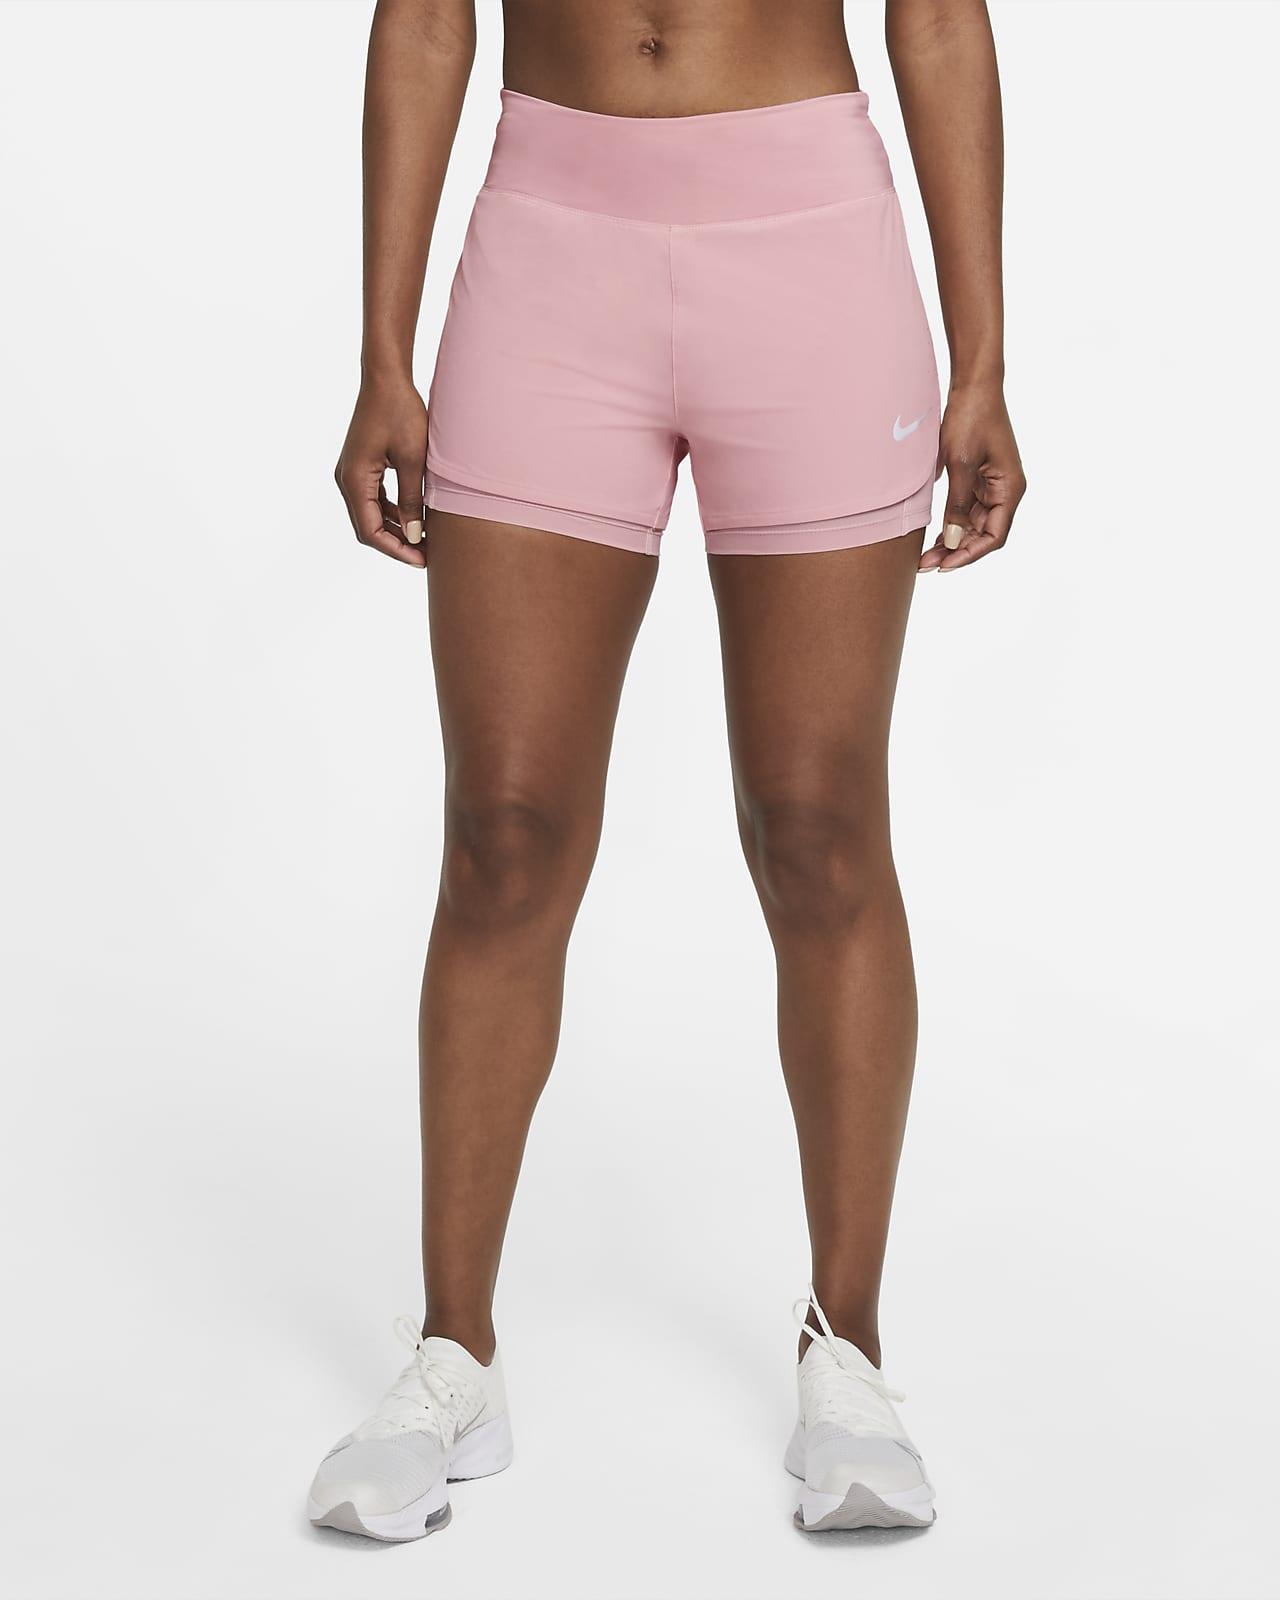 Shorts de running 2 en 1 para mujer Nike Eclipse